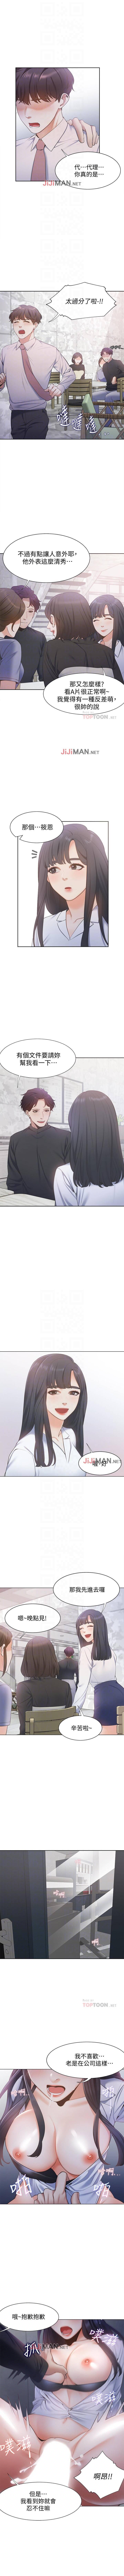 【周五连载】渴望:爱火难耐(作者:Appeal&格子17) 第1~24话 59